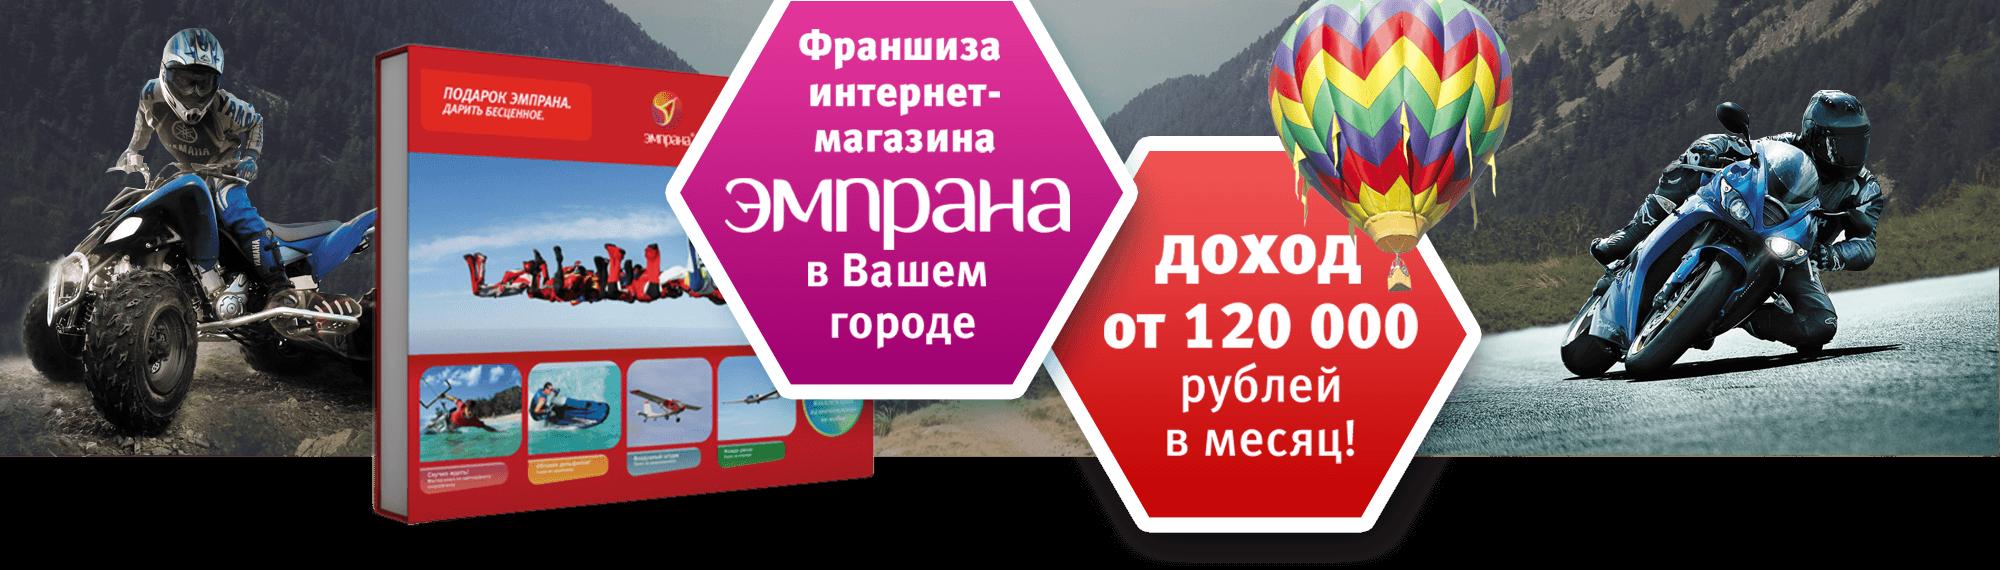 97e0d69a987de Эксклюзивной работы в Вашем регионе под брендом ведущего производителя  подарков-впечатлений и сертификатов в России - компании ЭМПРАНА.